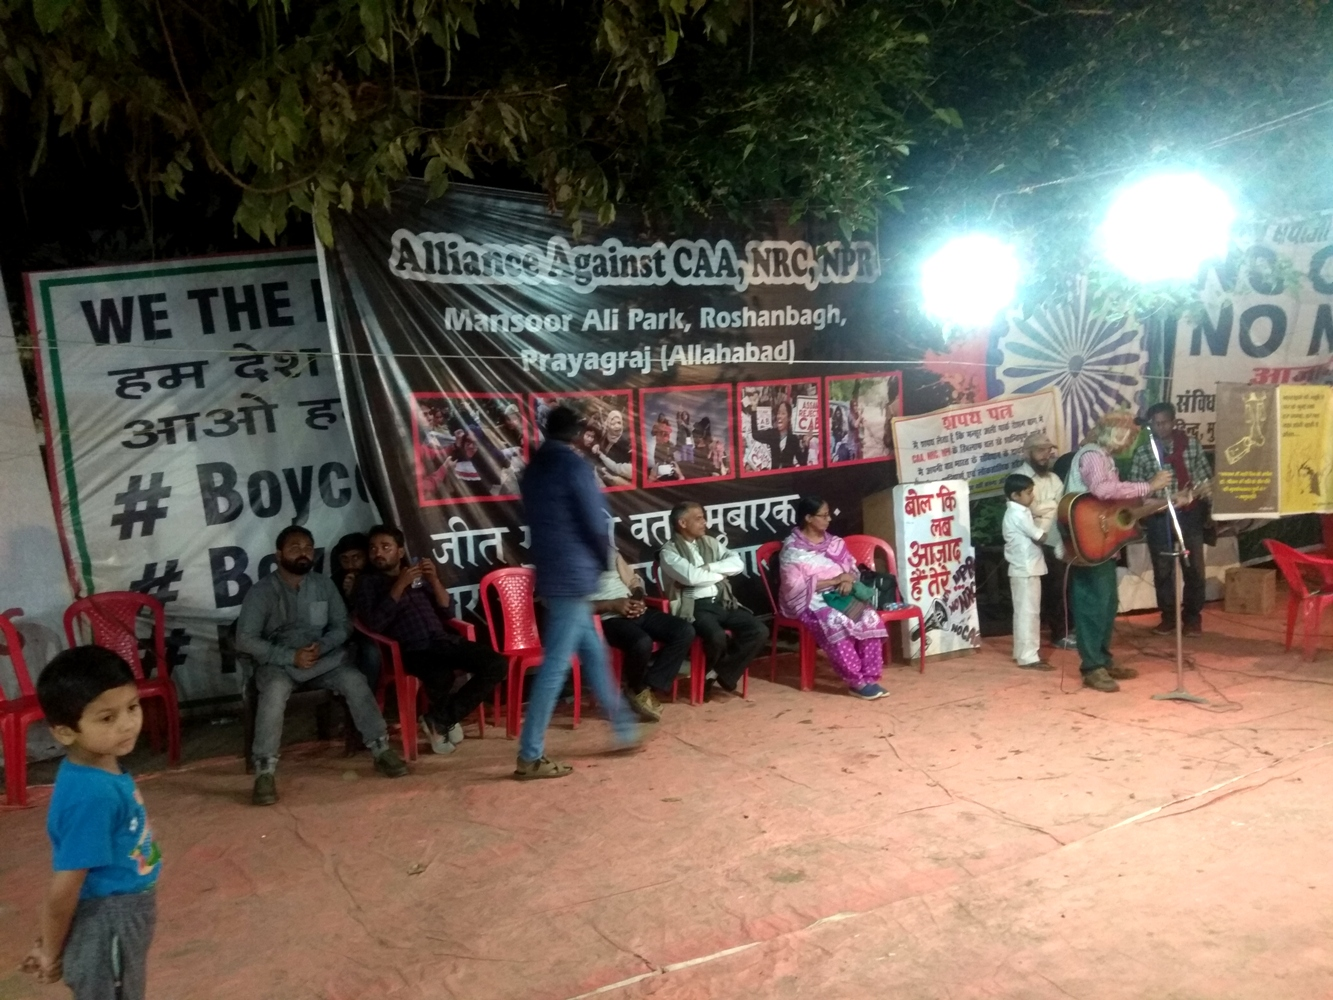 الہ آباد کے روشن باغ میں شہریت قانون، این آر سی اوراین پی آر کے خلاف چل رہے مظاہرہ میں کئی آرٹسٹ اپنی پیش کش دینے آتے رہے ہیں۔ (سبھی فوٹو: میناکشی تیواری/د ی وائر)